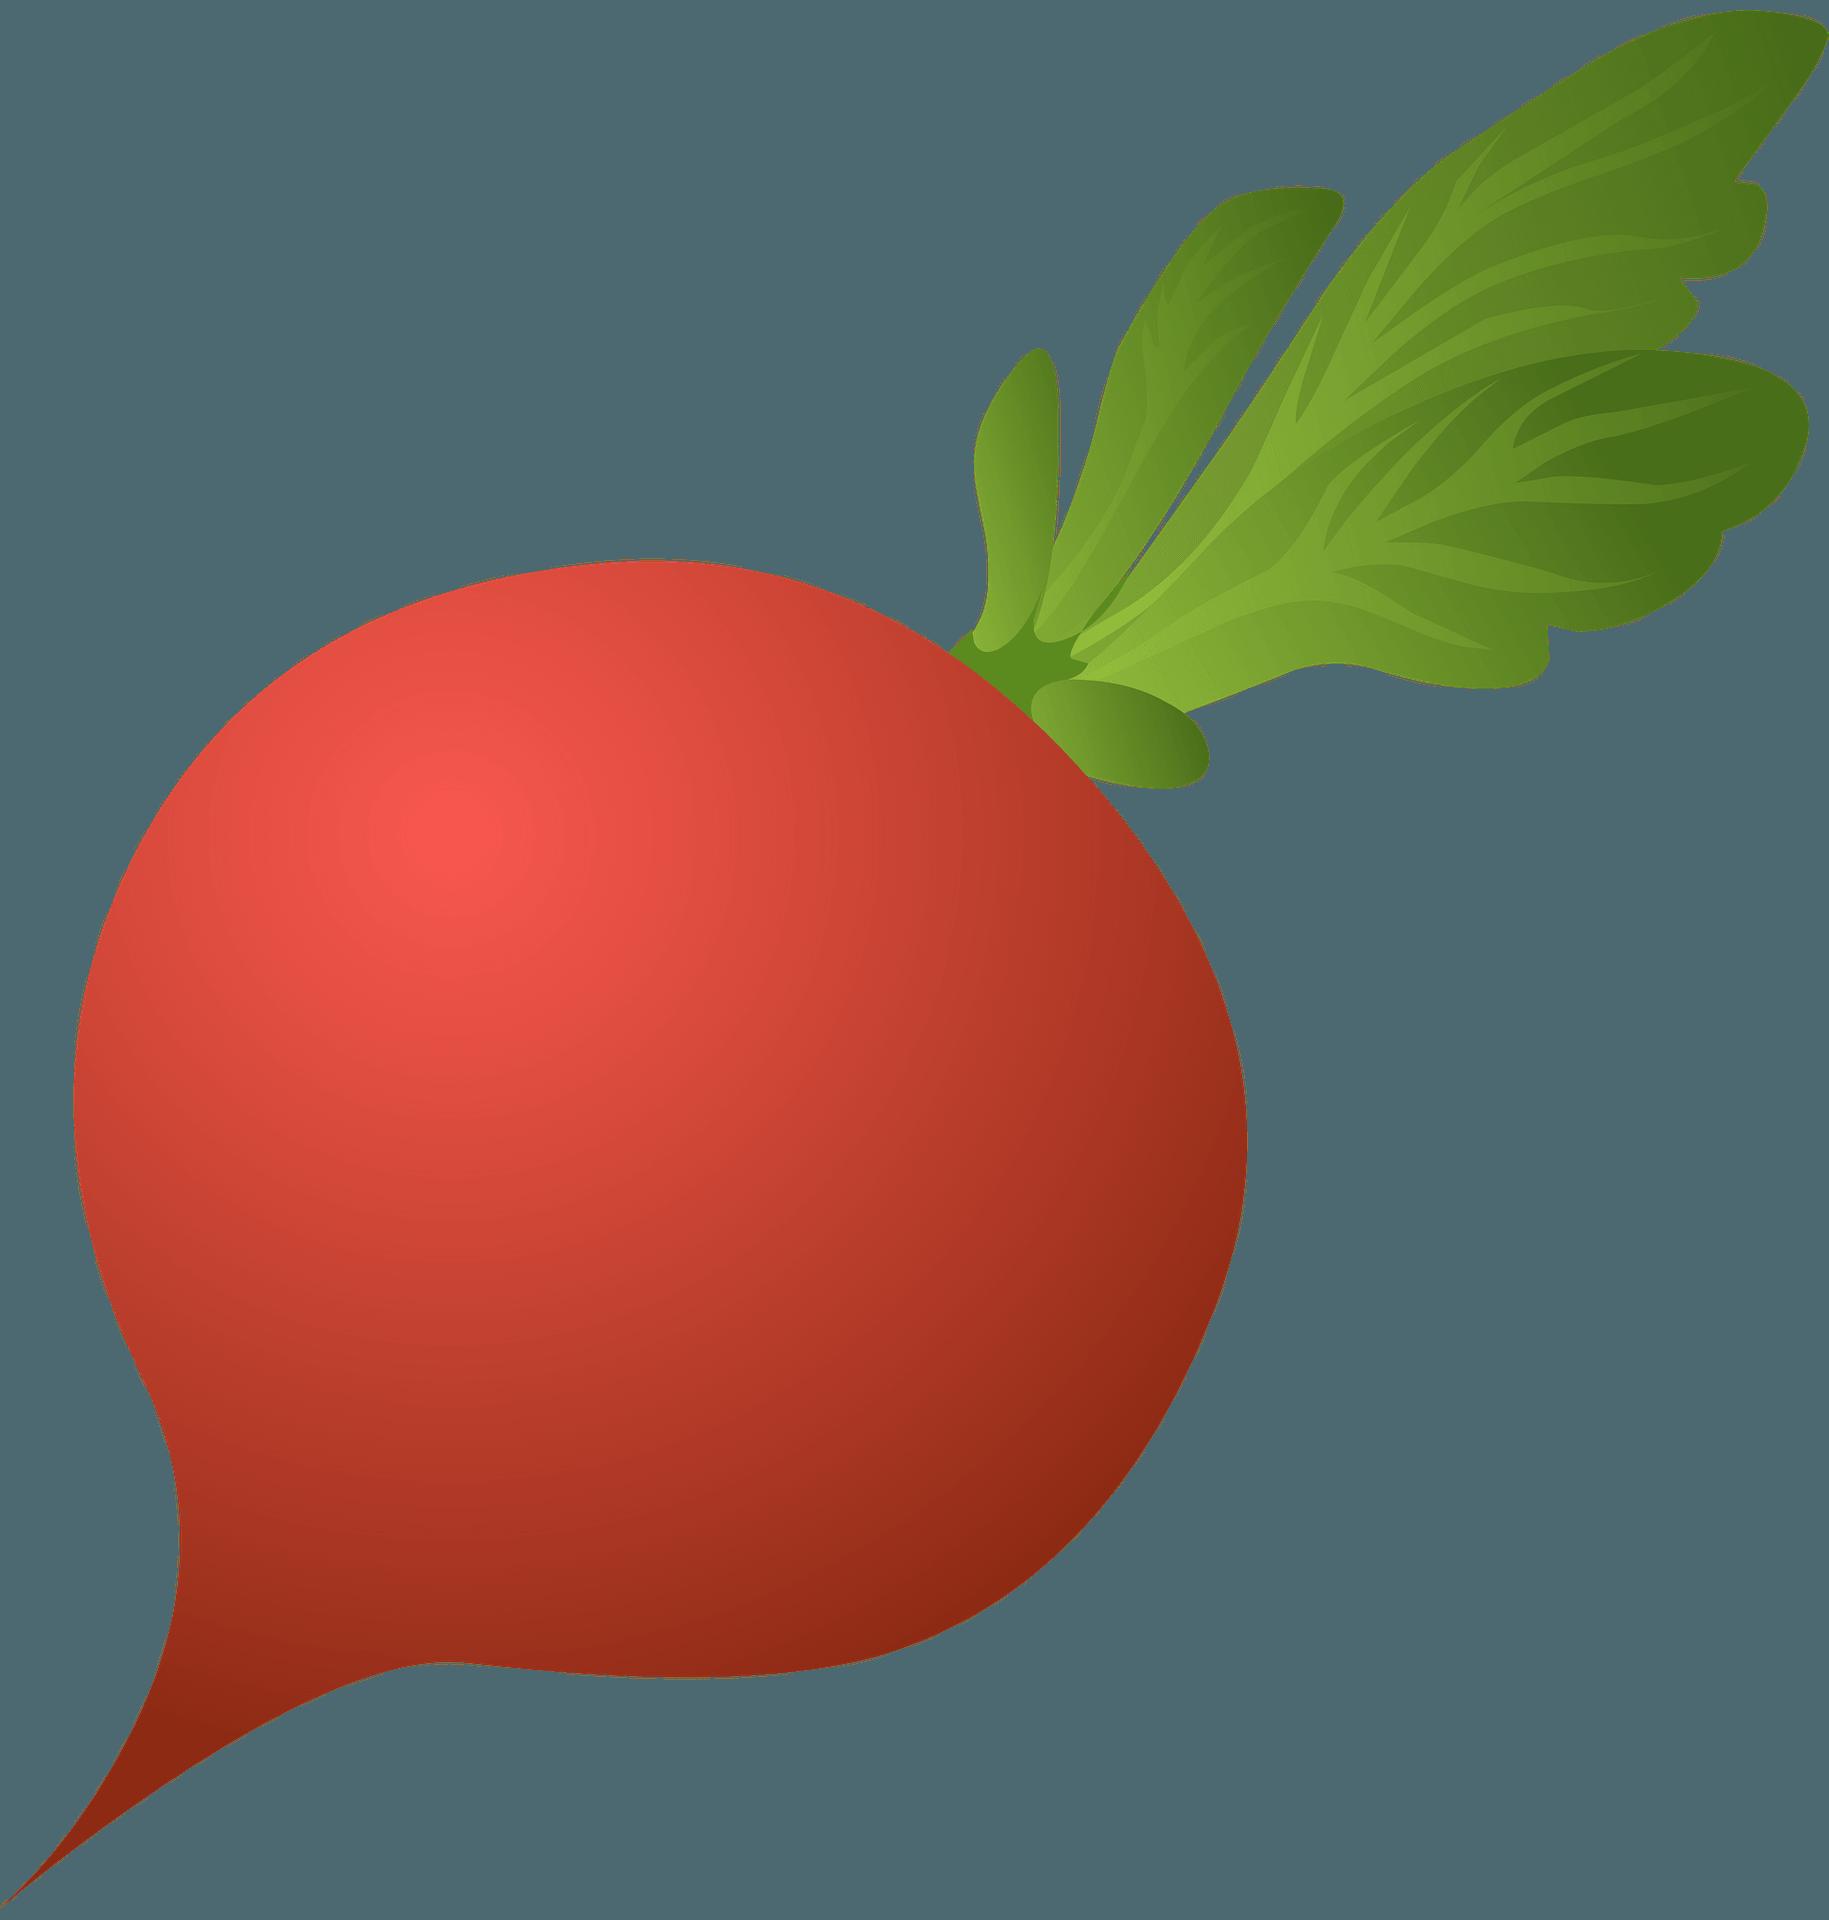 food radish clipart. free download transparent .png   creazilla  creazilla